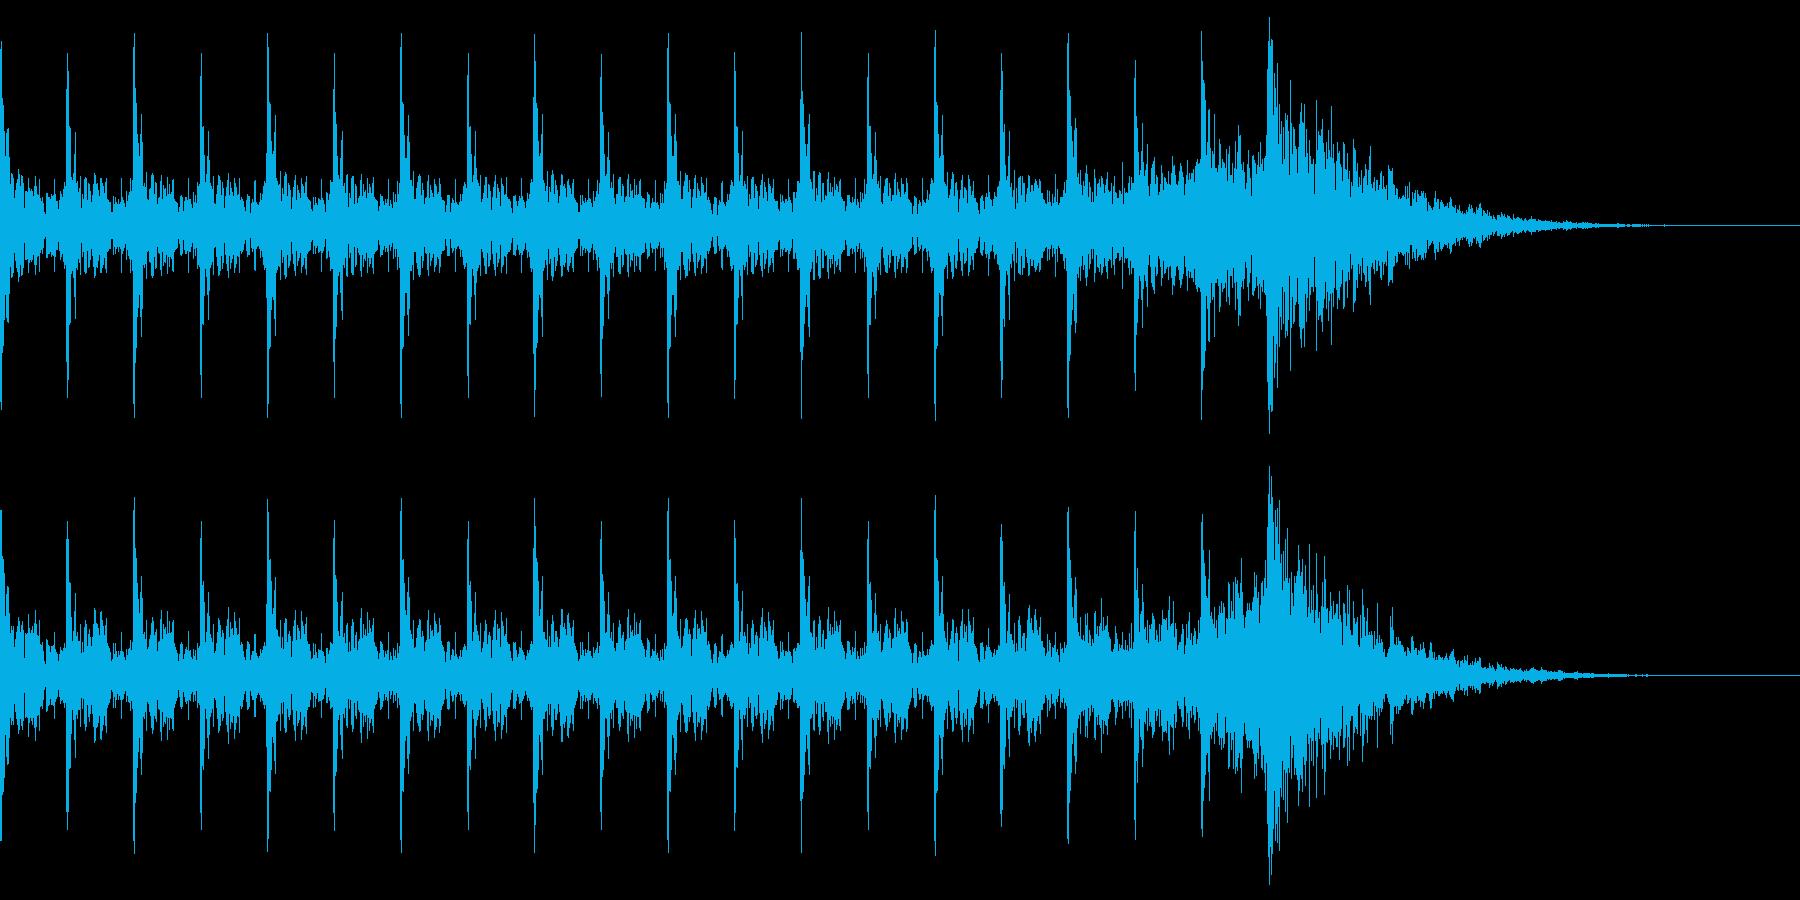 タイム20秒 ピ、ピ、ピ、ボン 爆弾の再生済みの波形